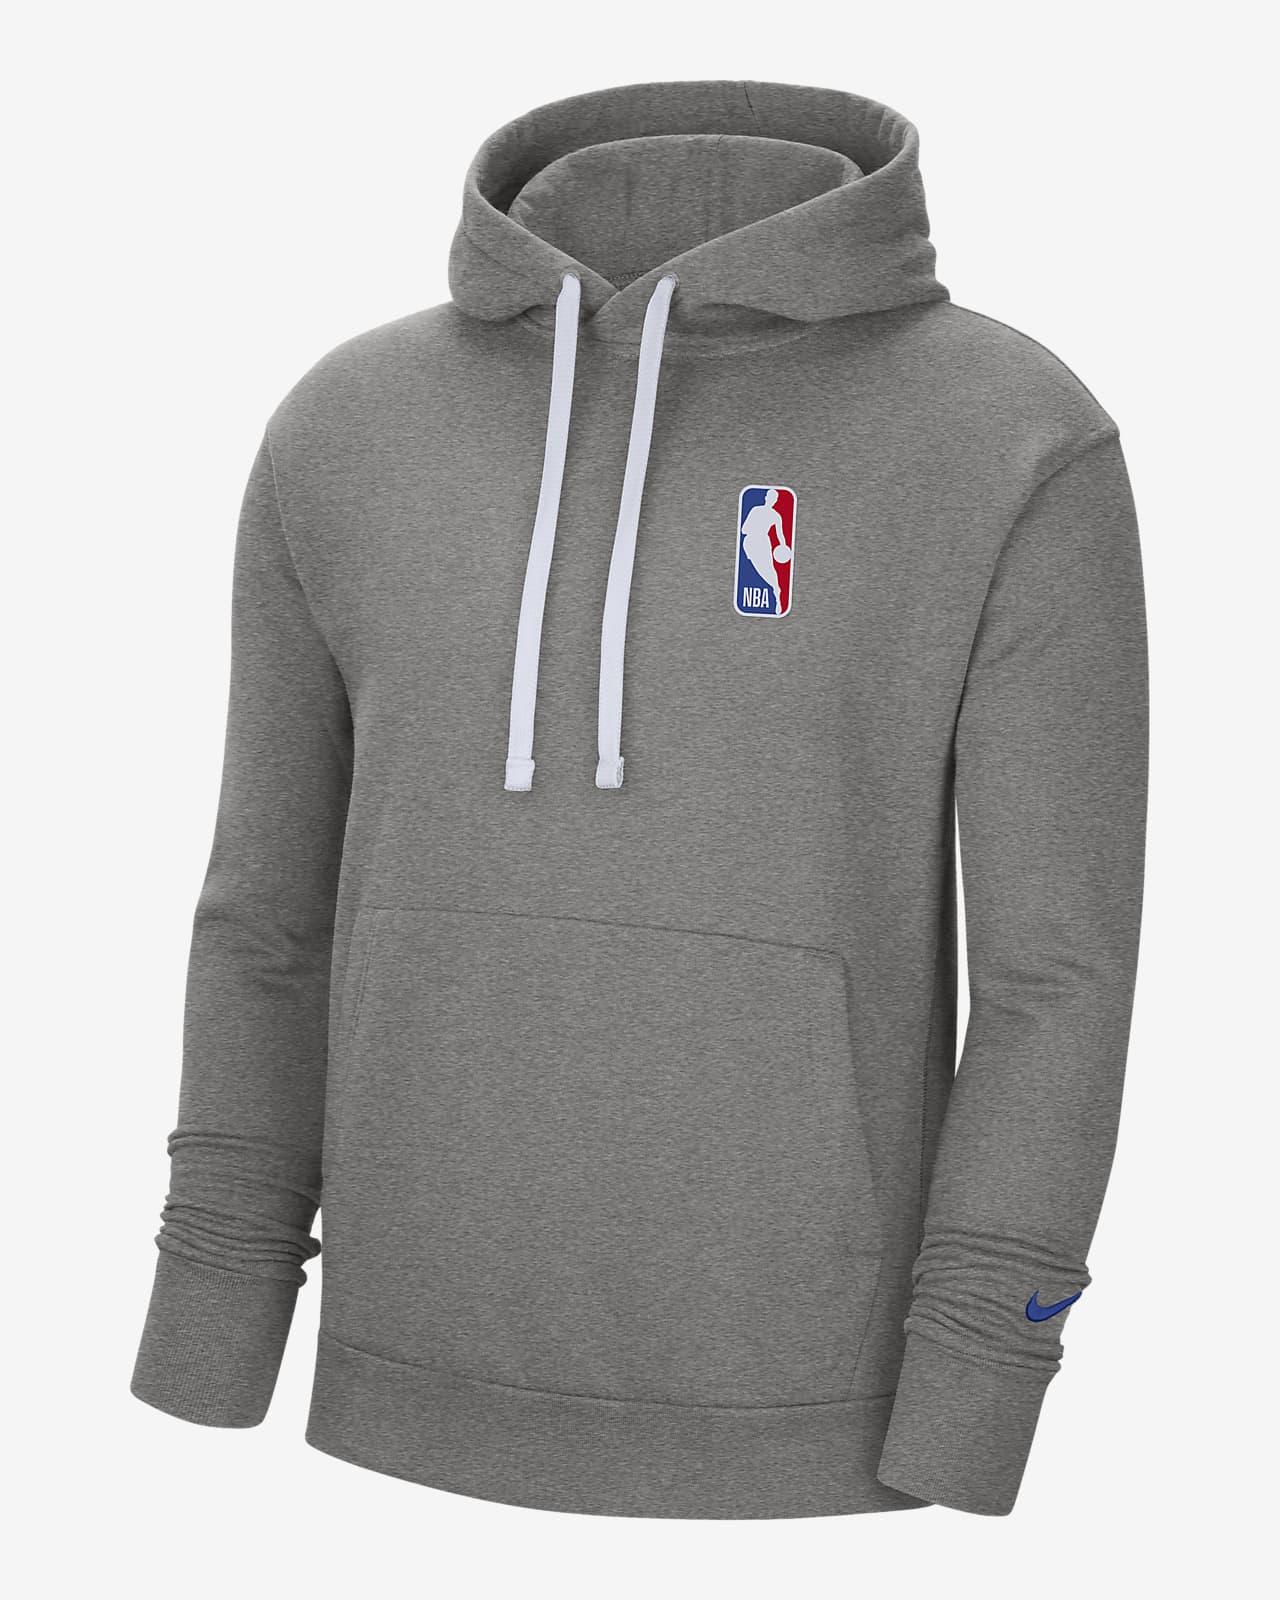 Team 31 NBA hettegenser til herre fra Nike. Nike NO